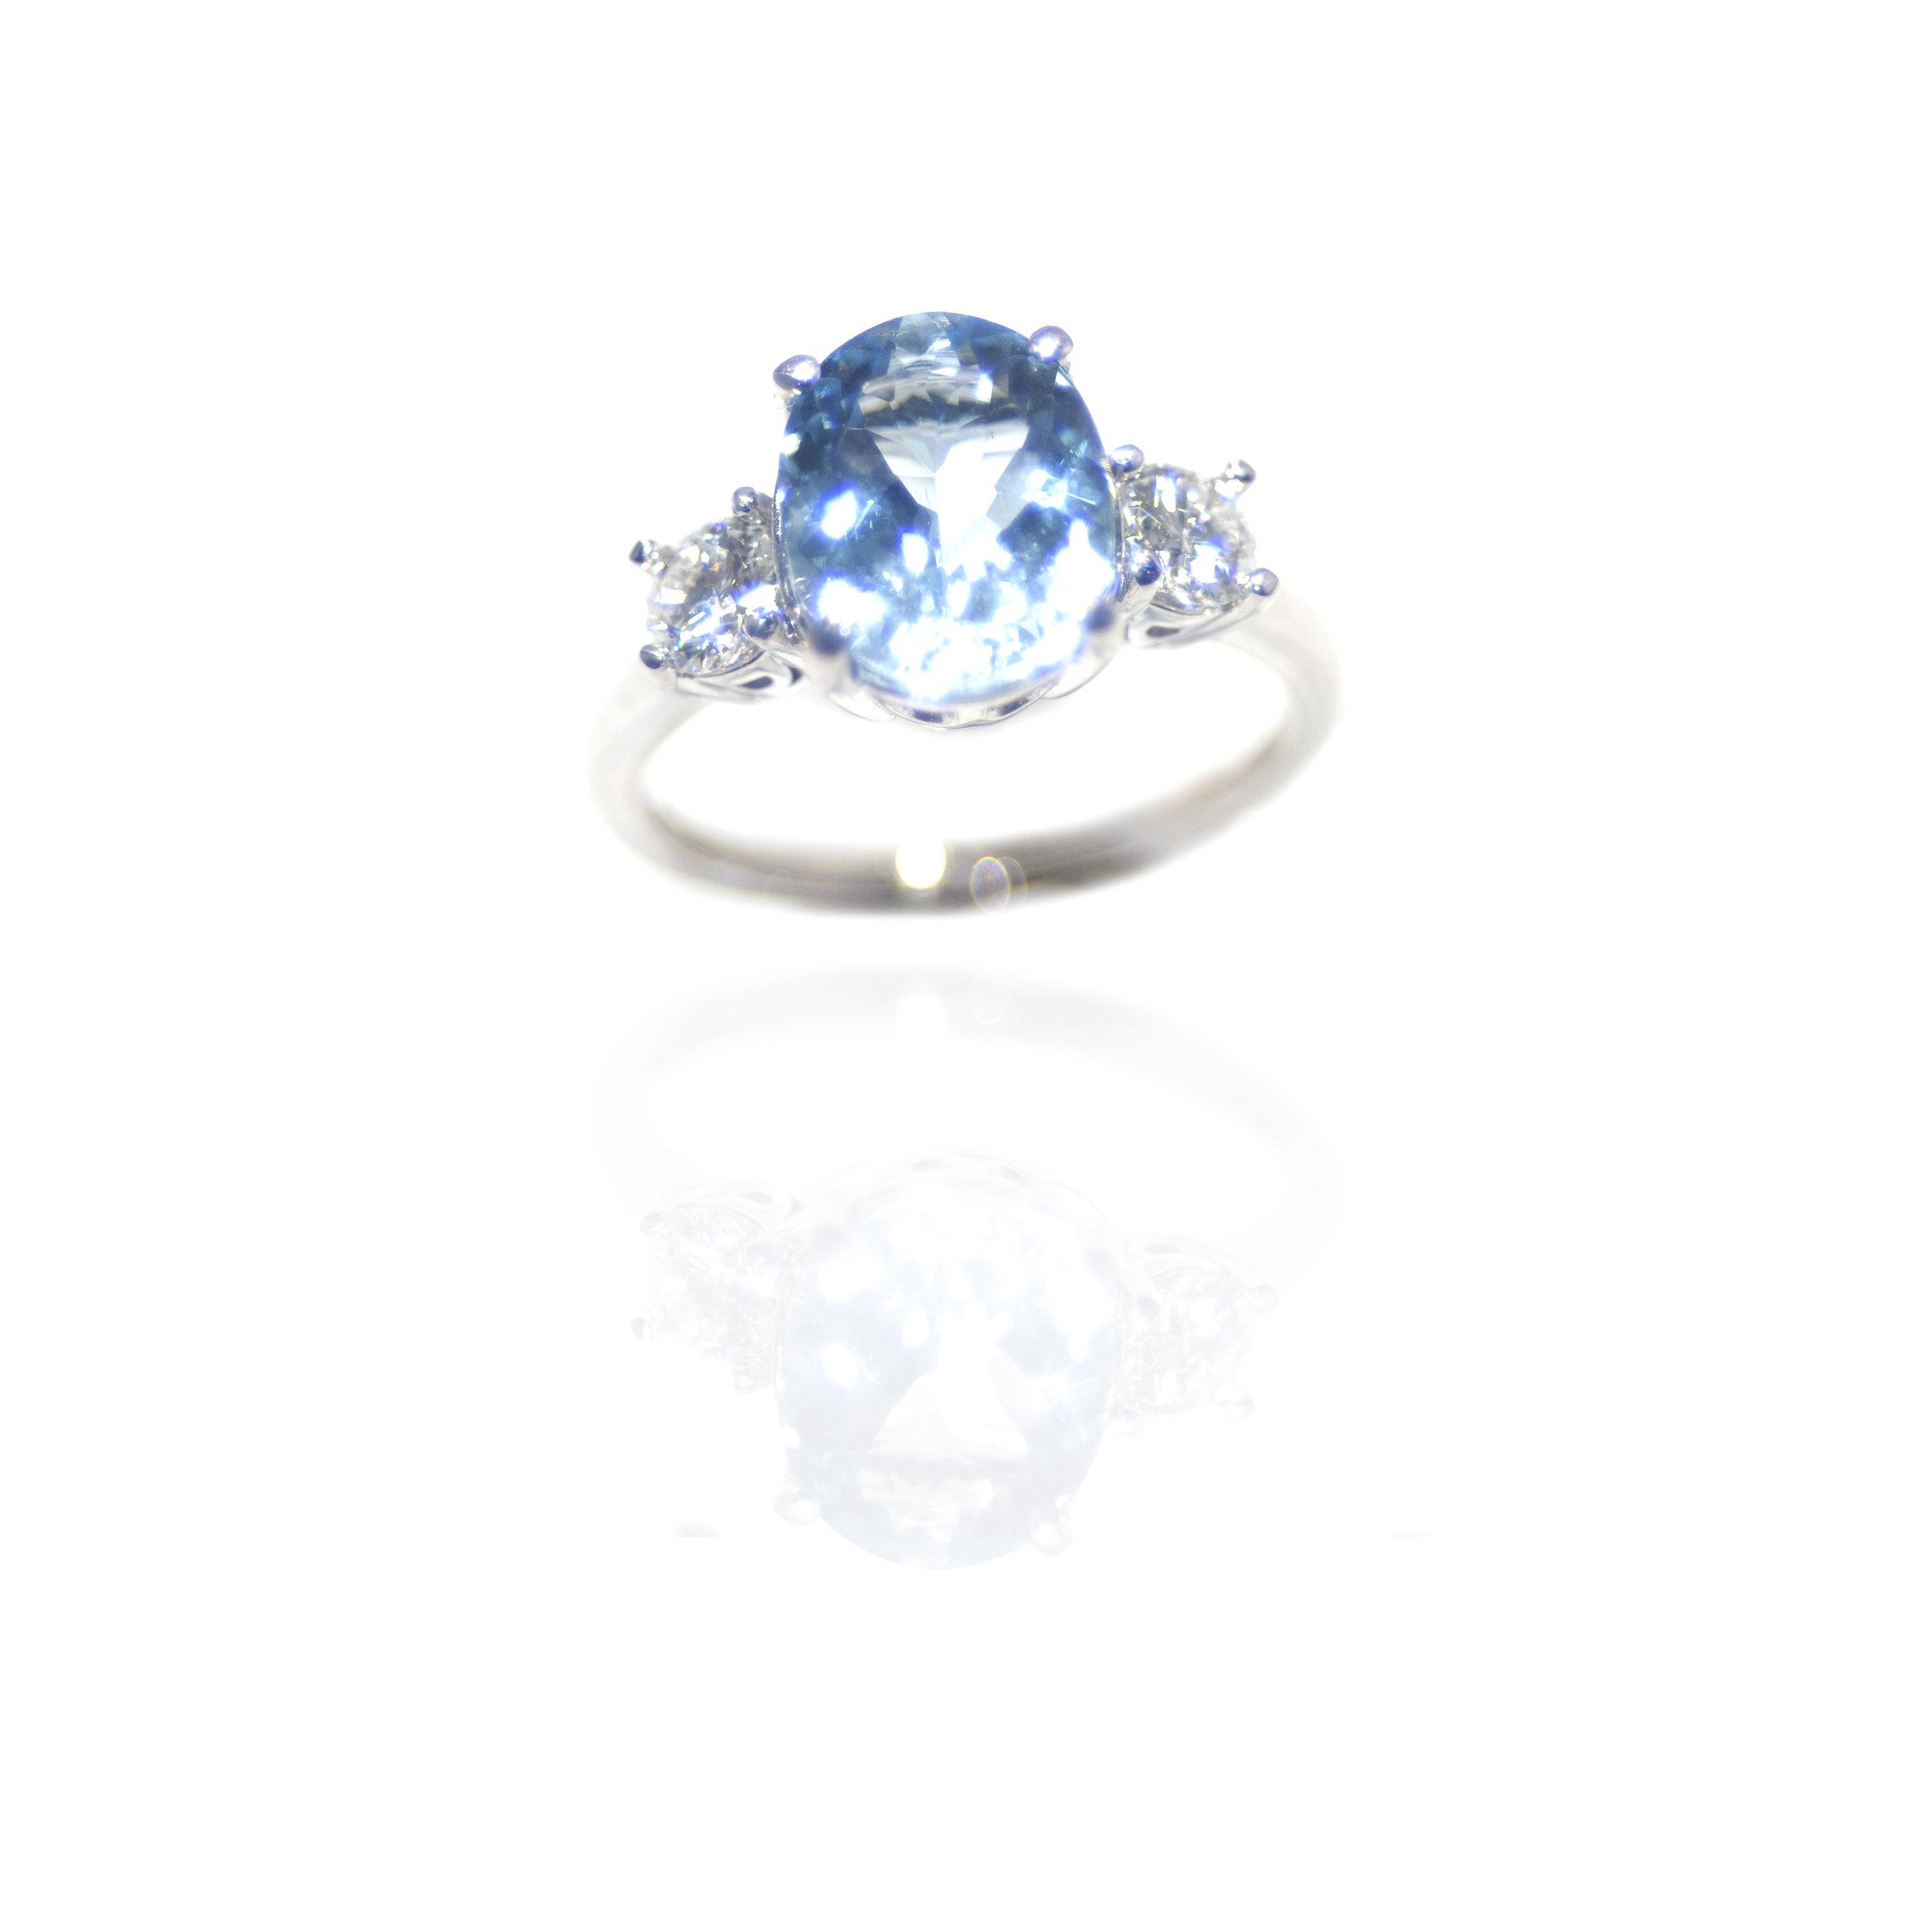 Aquamarine ring!